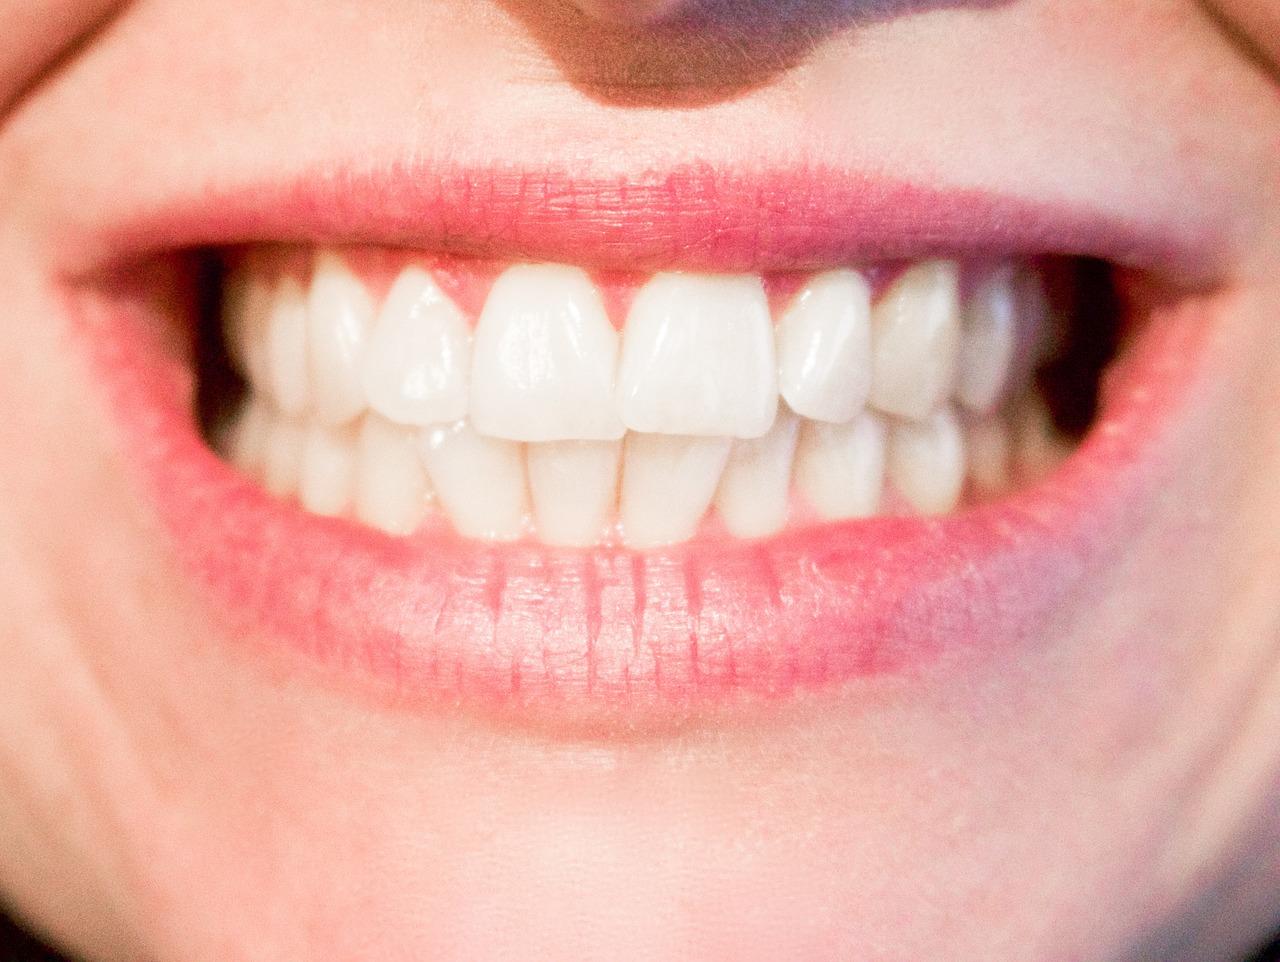 前歯が虫歯で黒くなった!原因は?治せるの?予防法や治療法とは